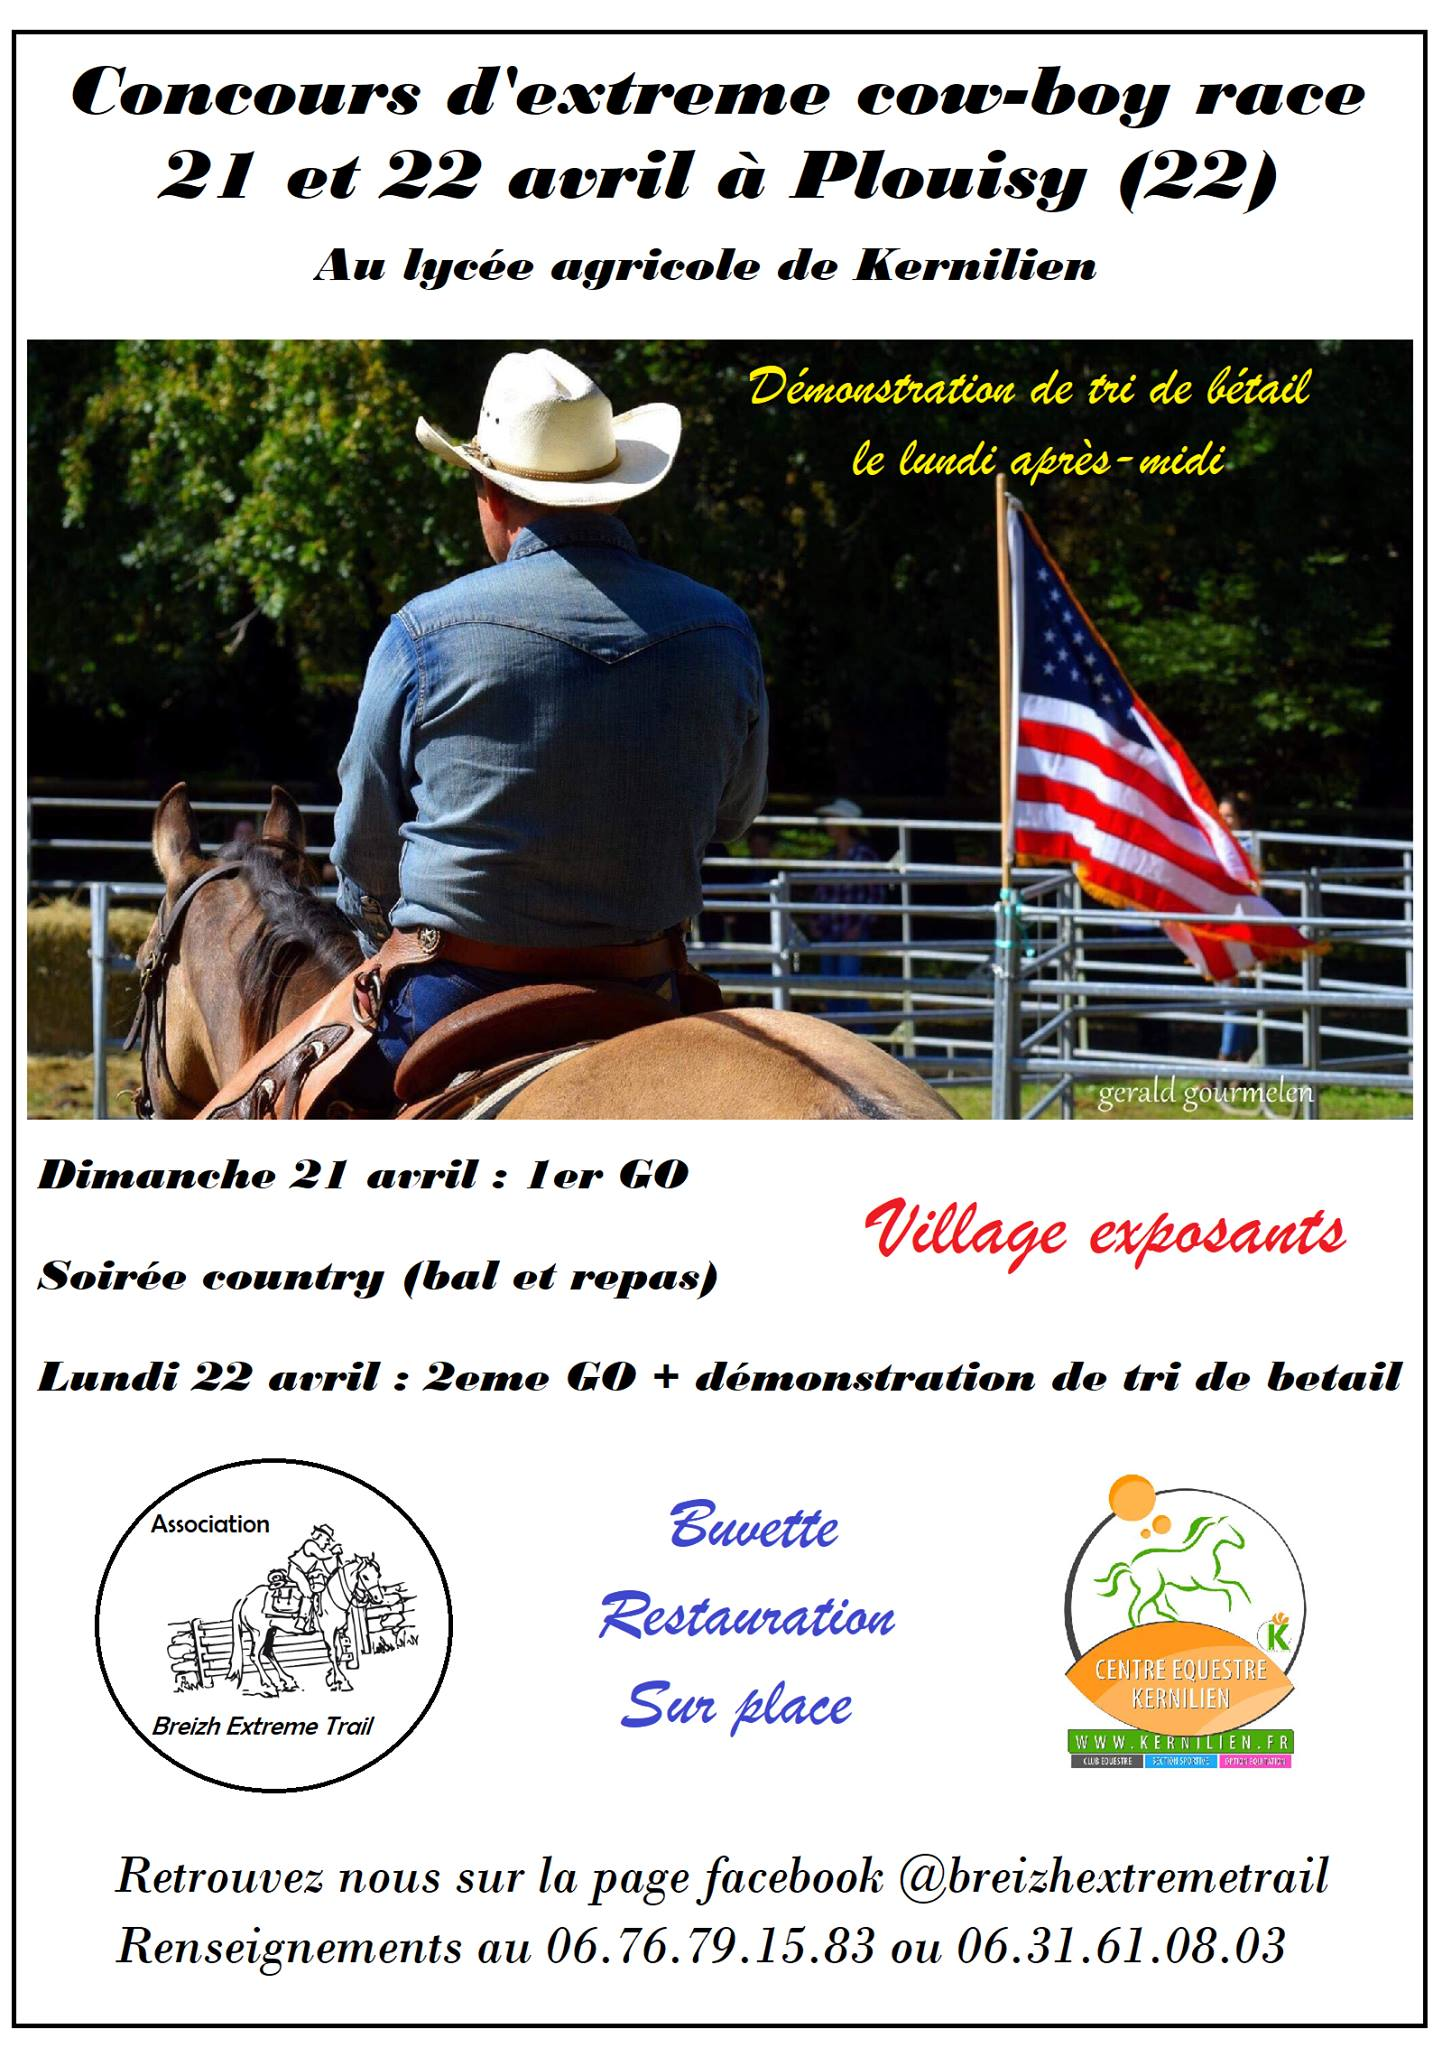 Concours d'extreme cow-boy race 21 et 22 avril à Plouisy